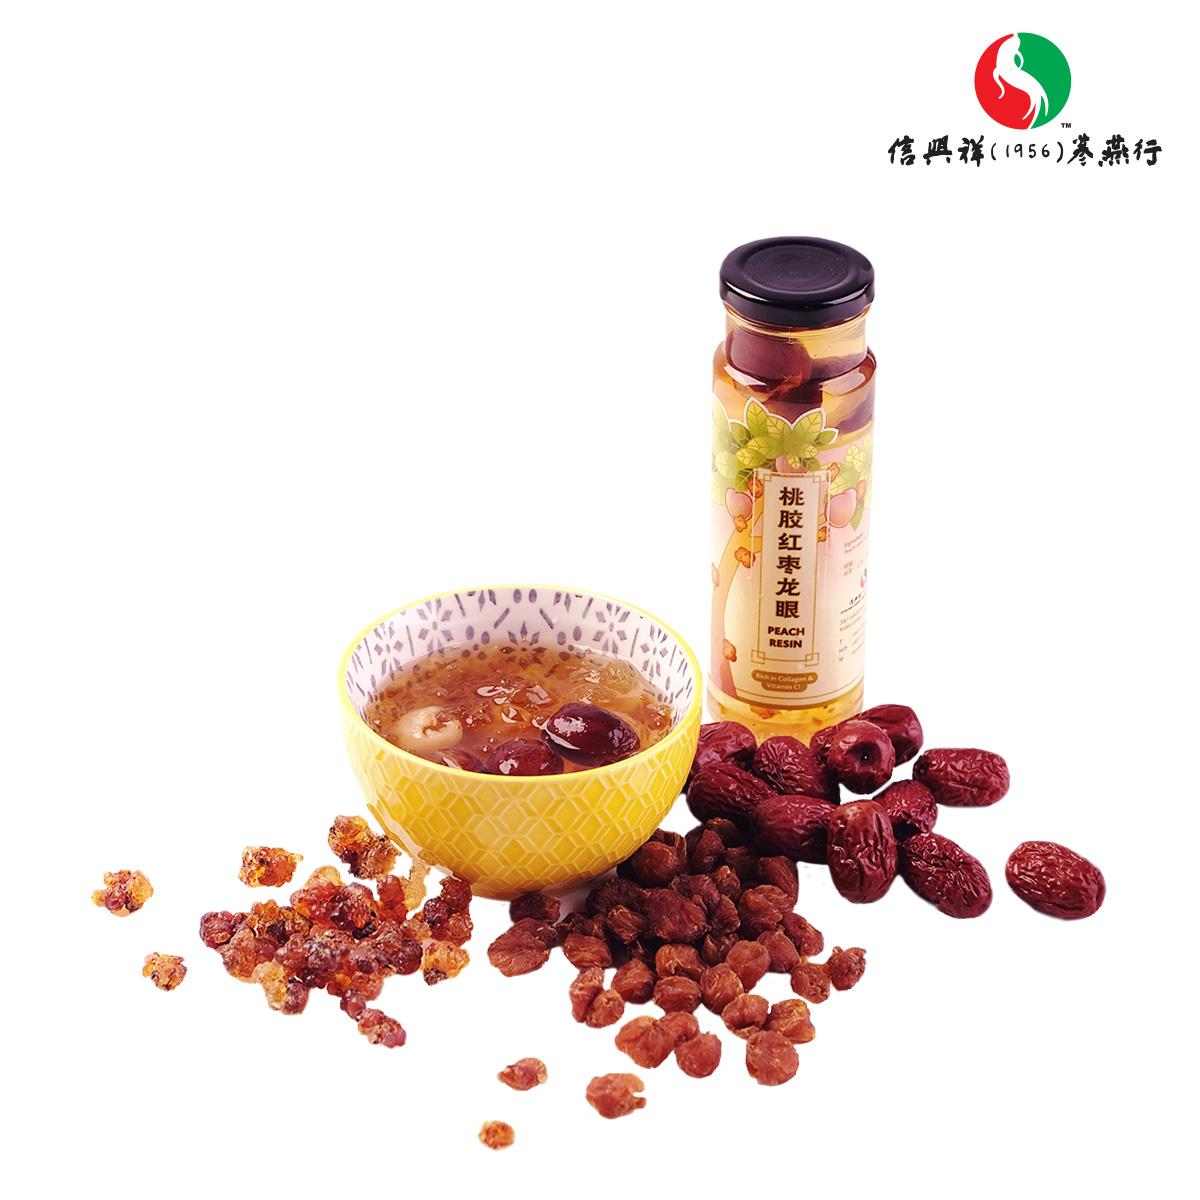 桃胶红枣龙眼(6罐 / 盒)